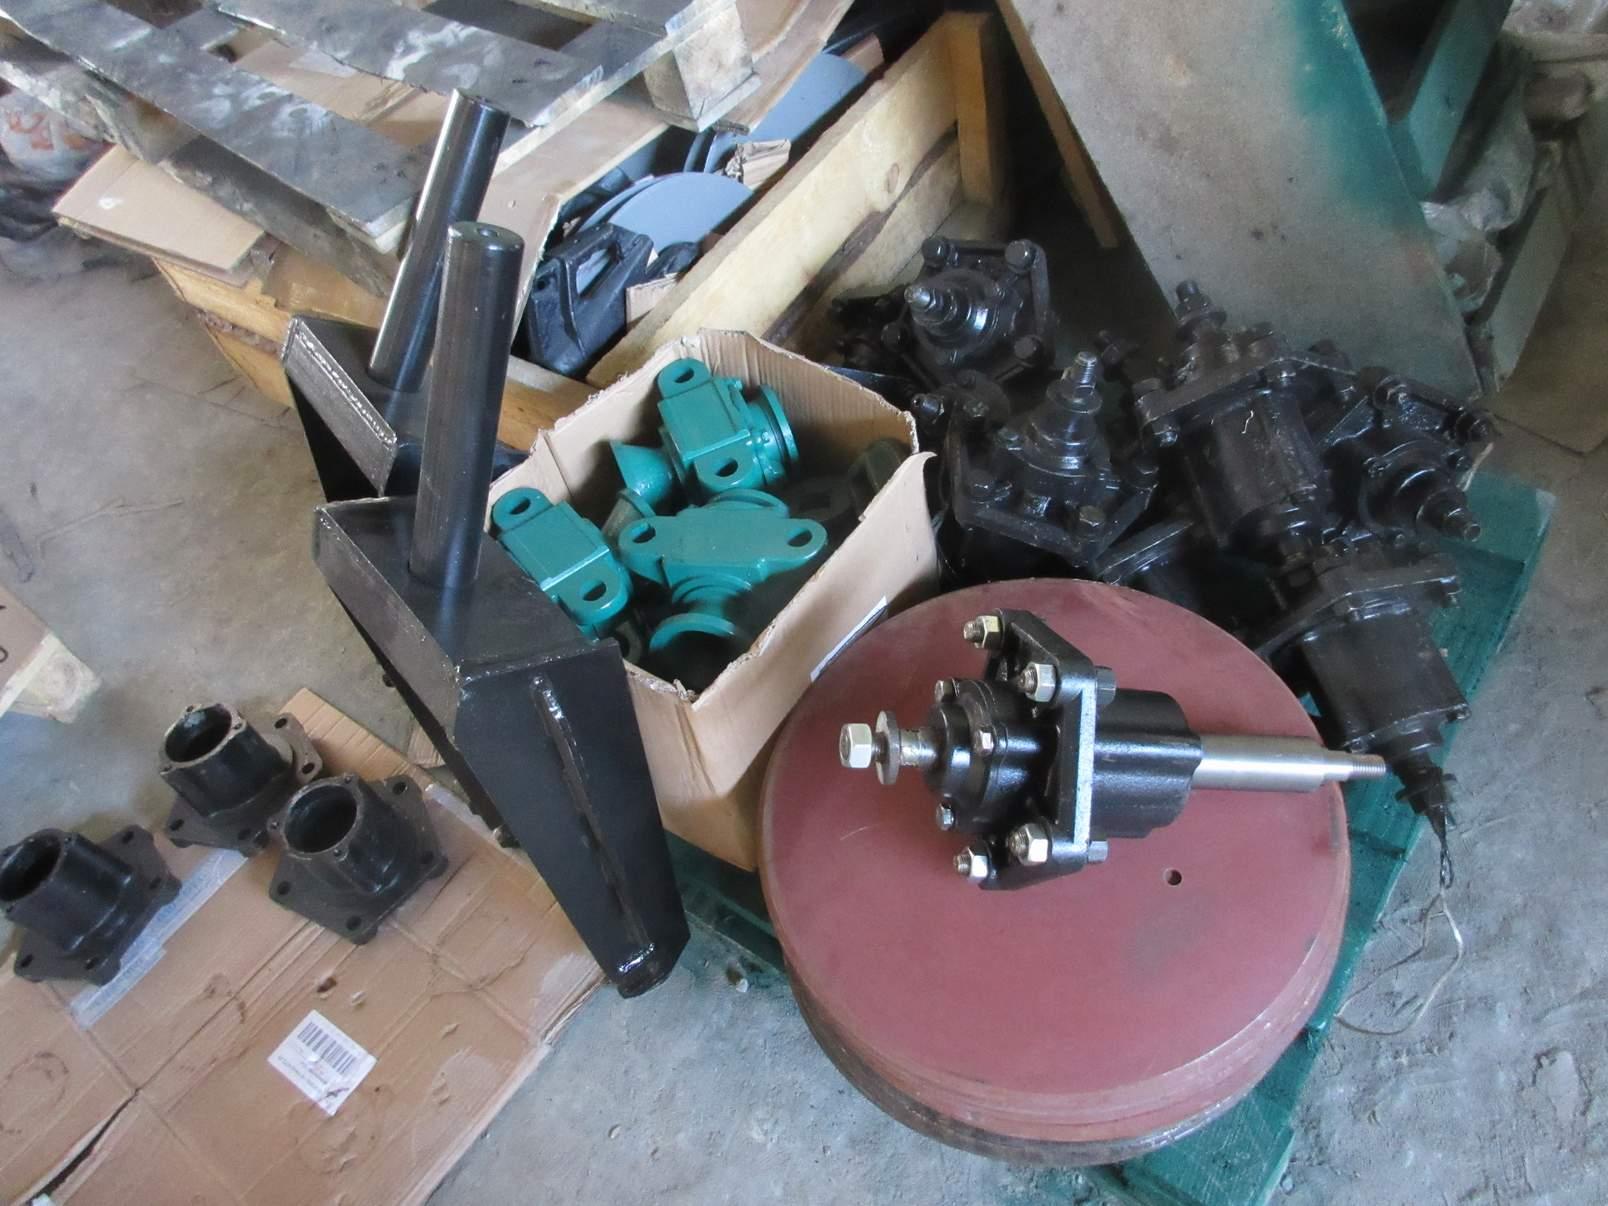 Сошники для селки John Deere 730 (импортозамещение)